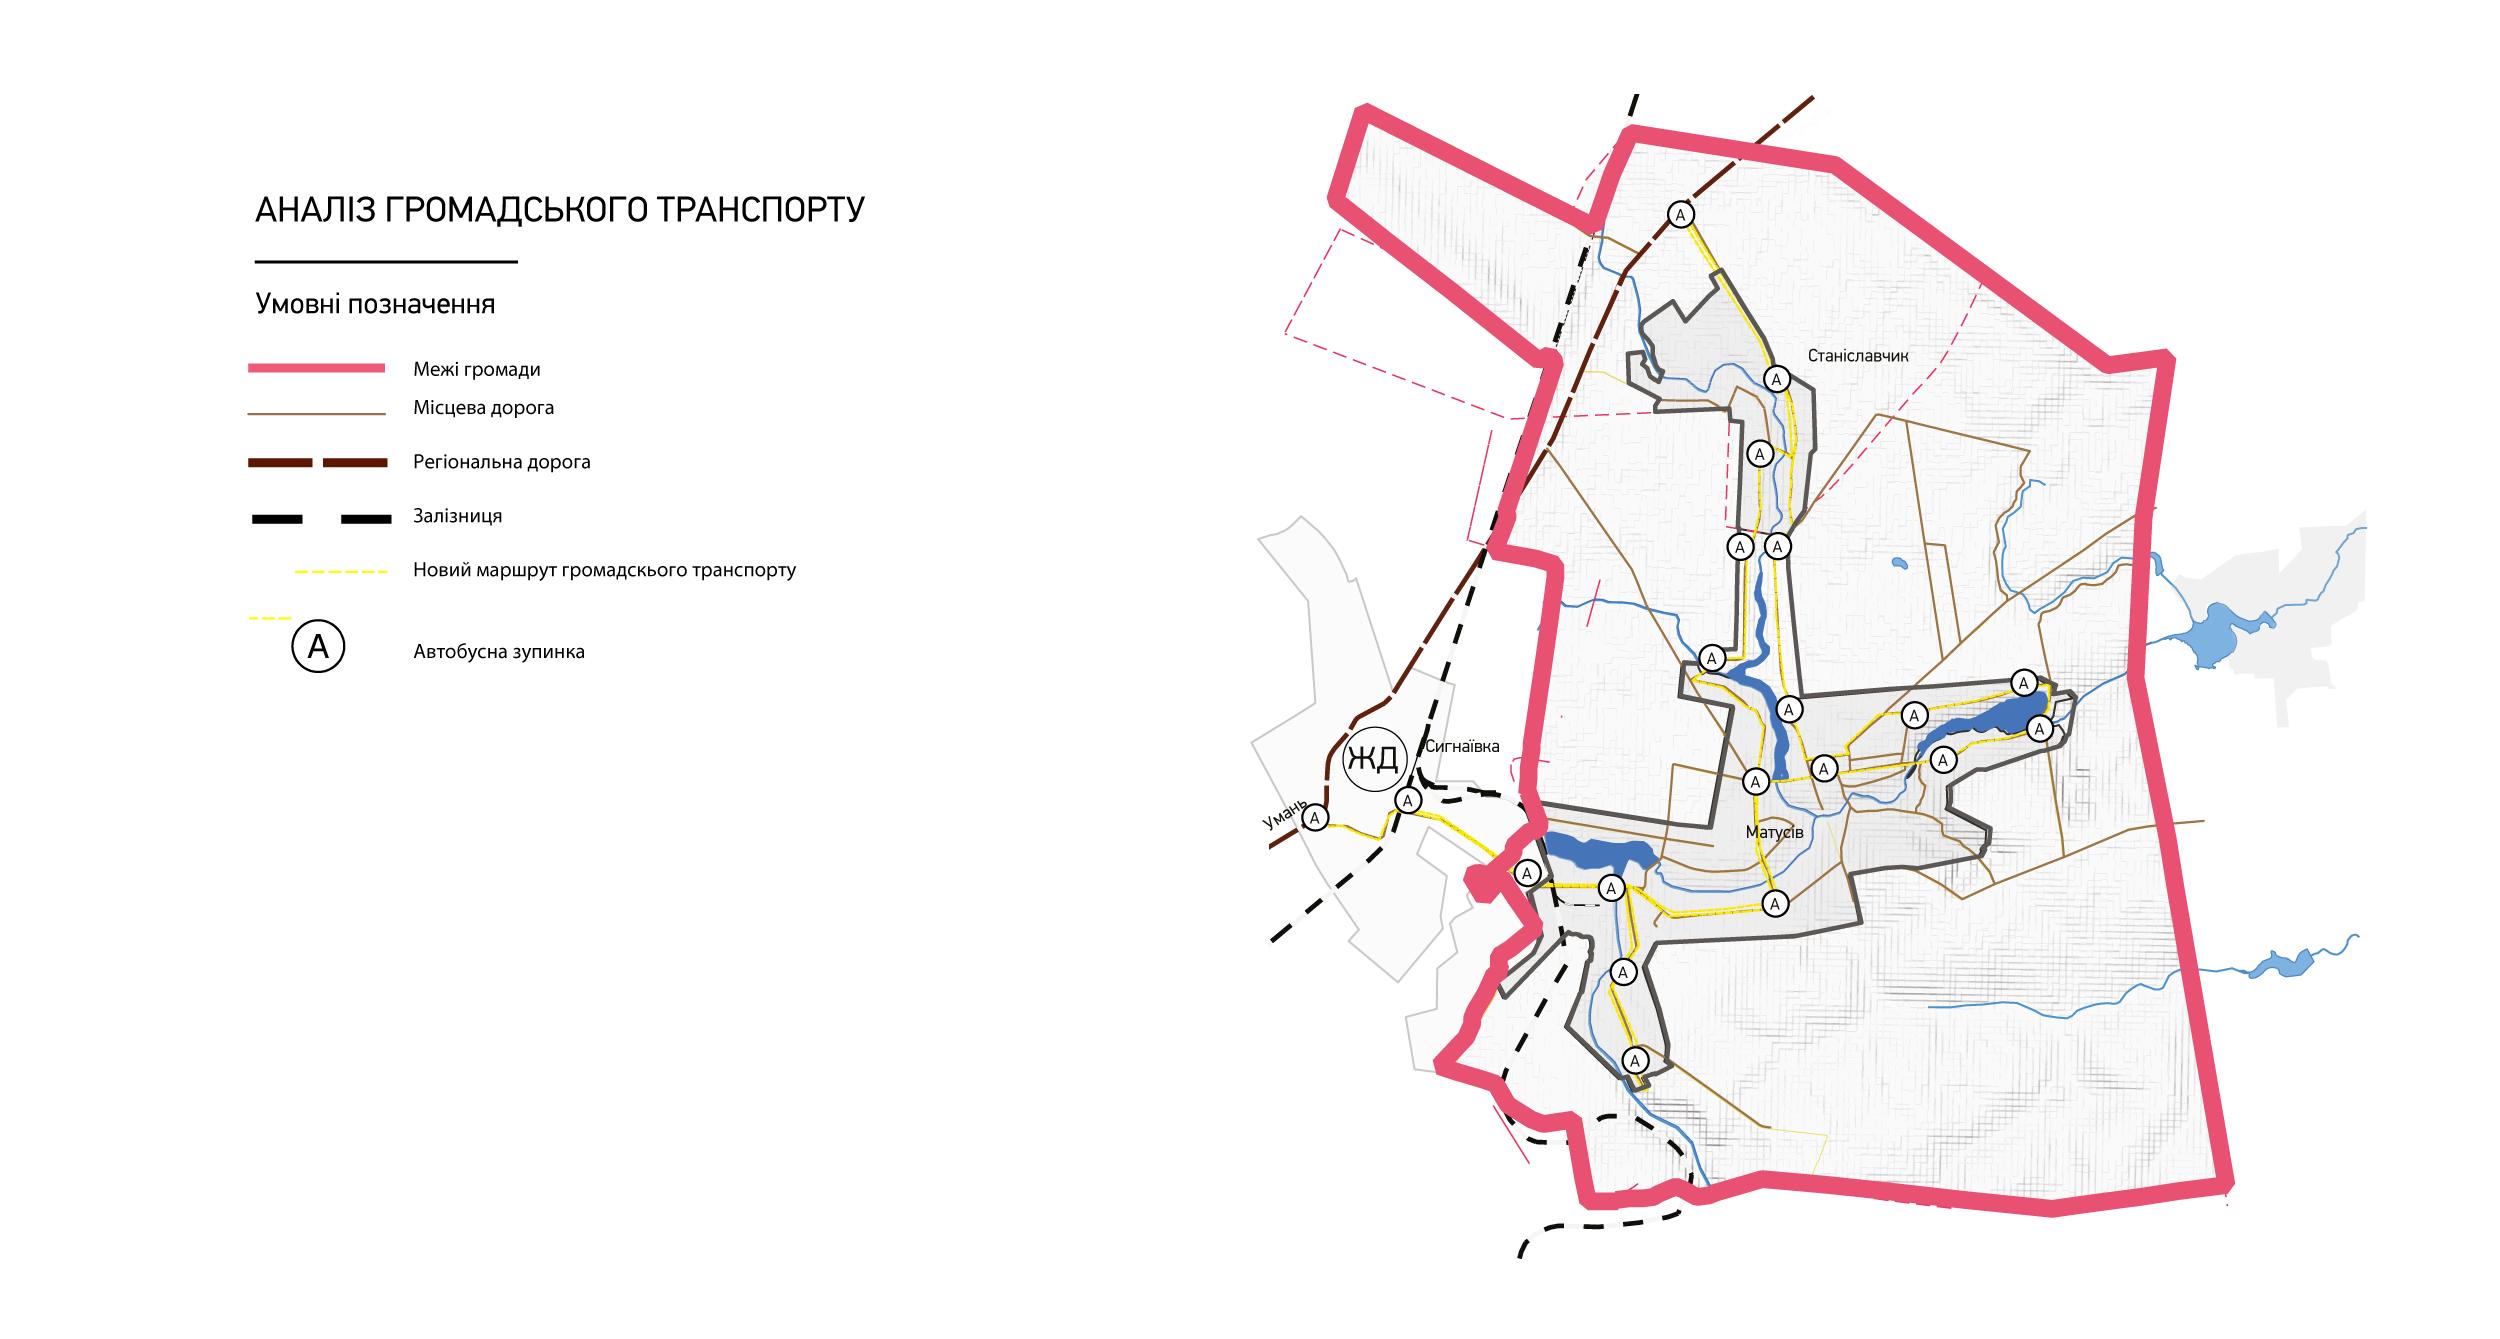 аналіз-громадскього-транспорту